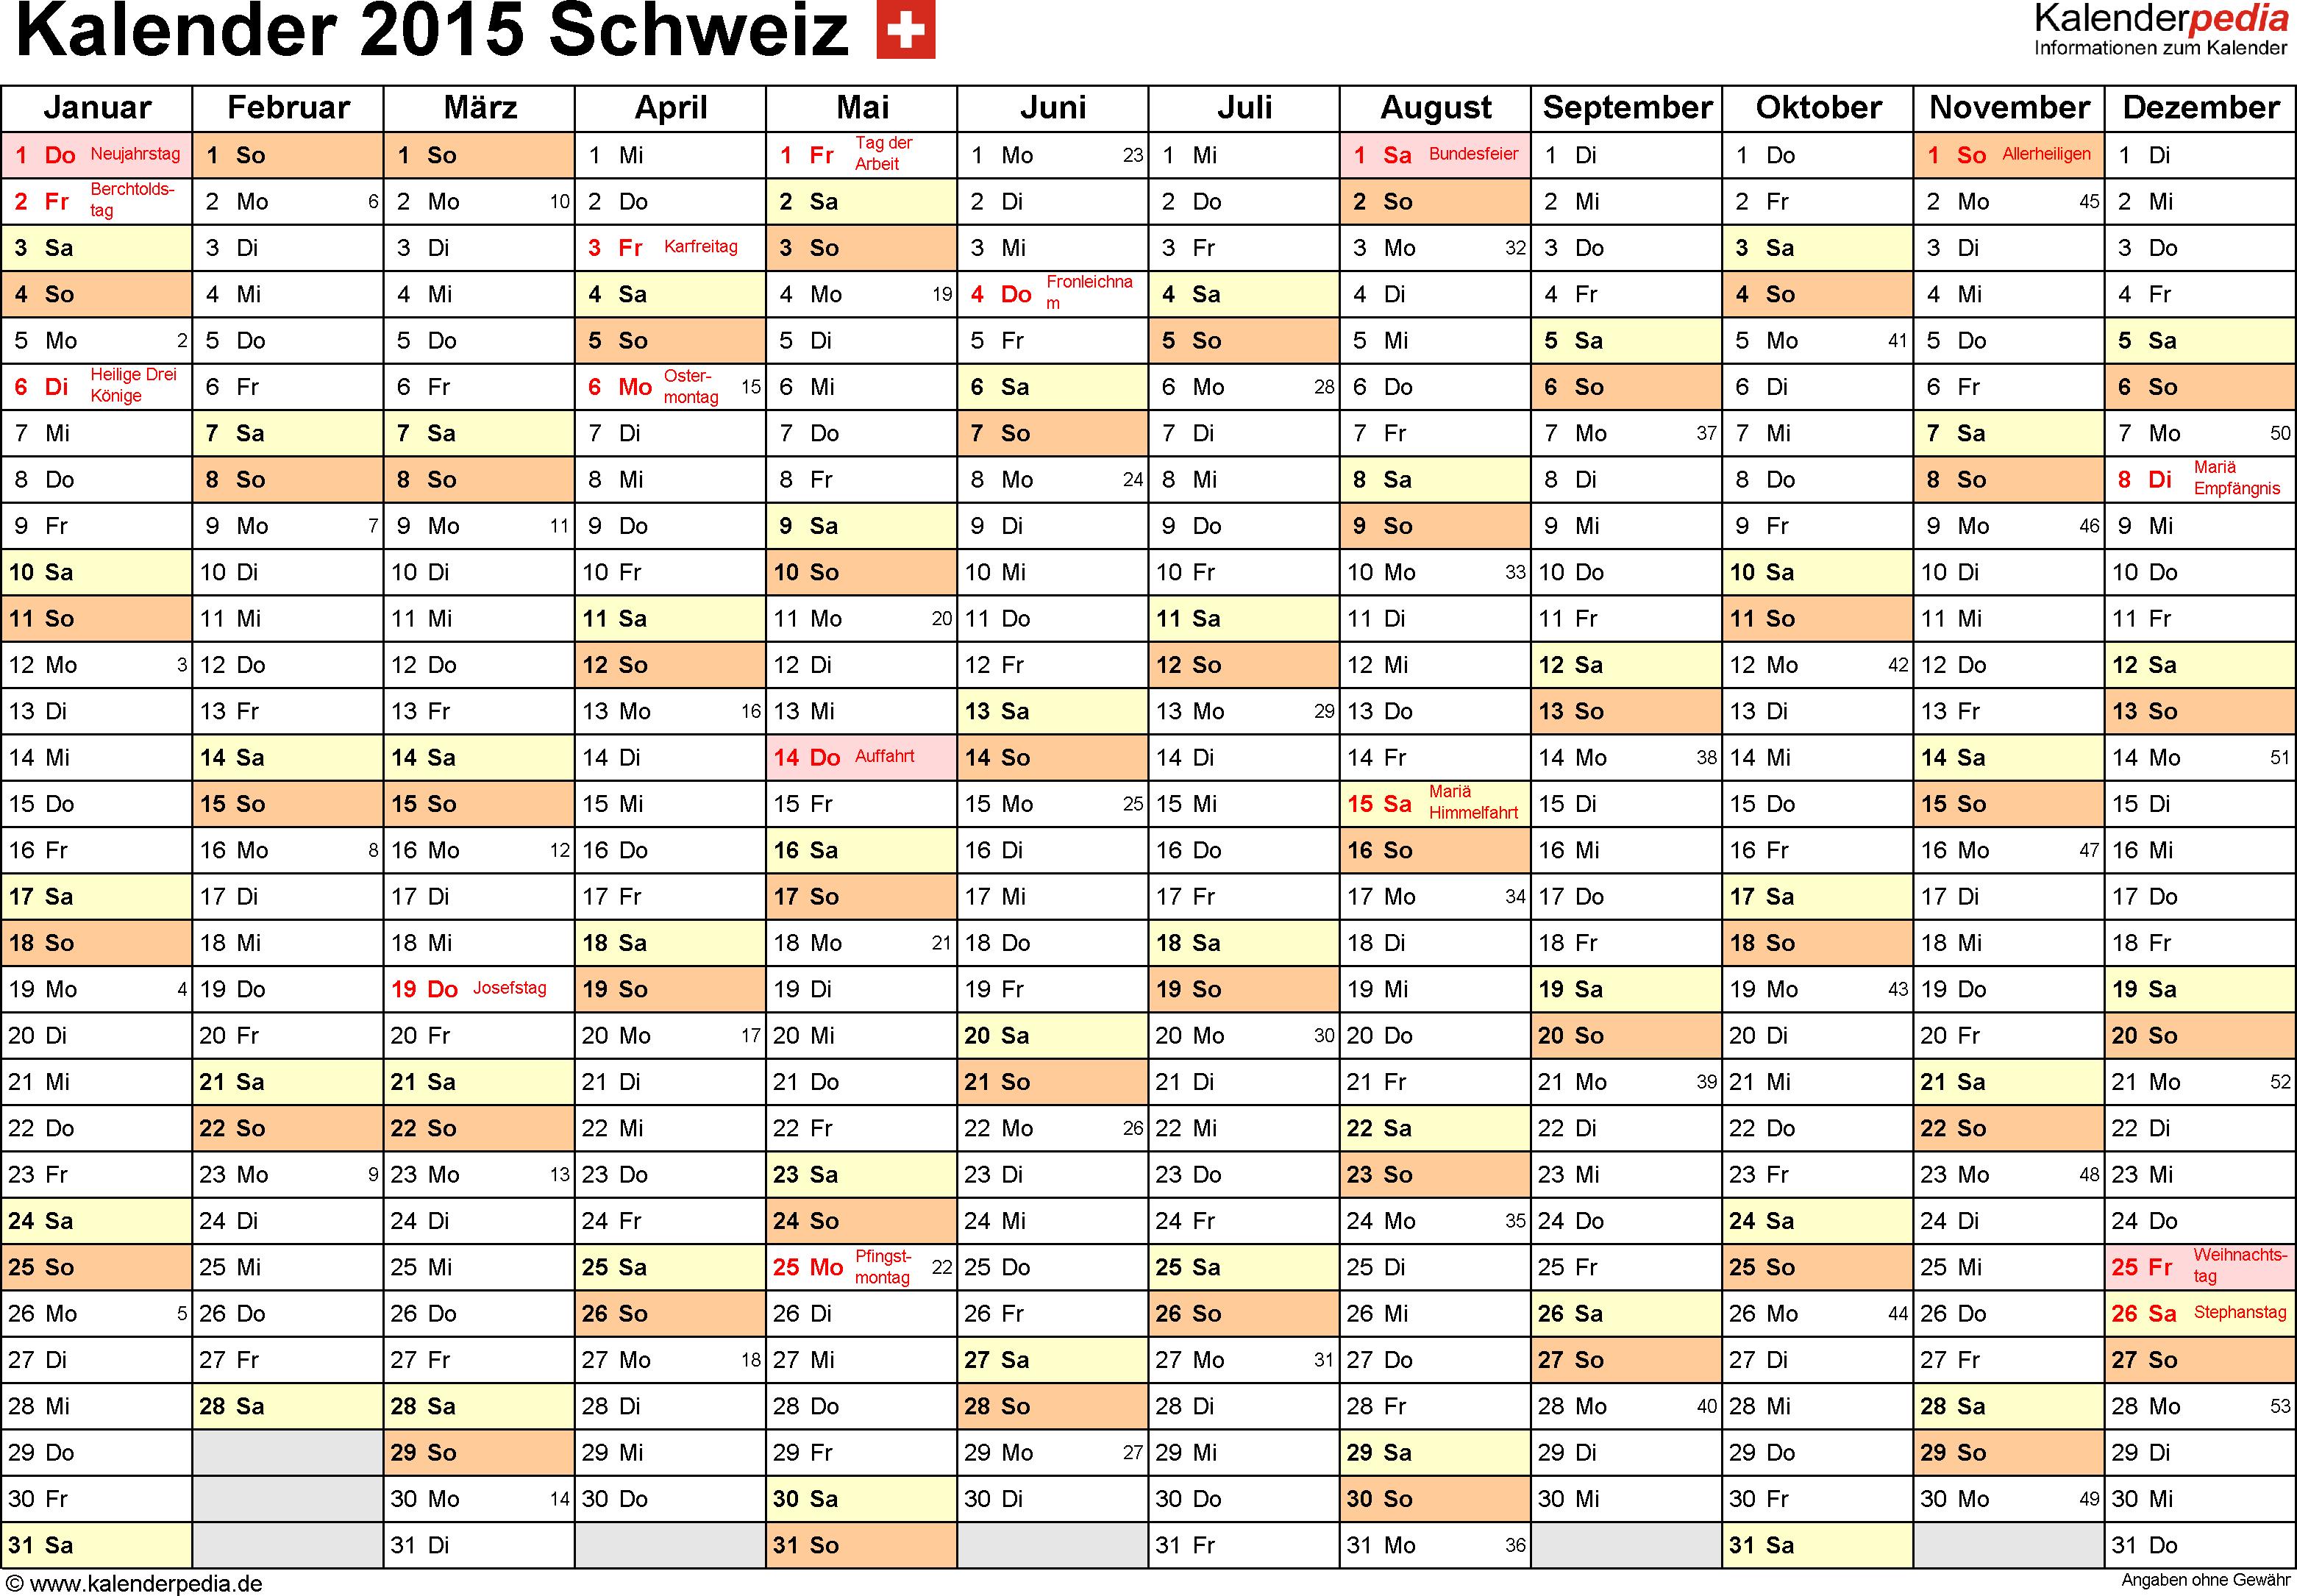 Vorlage 2: Kalender 2015 für Excel, Querformat, 1 Seite, Monate nebeneinander